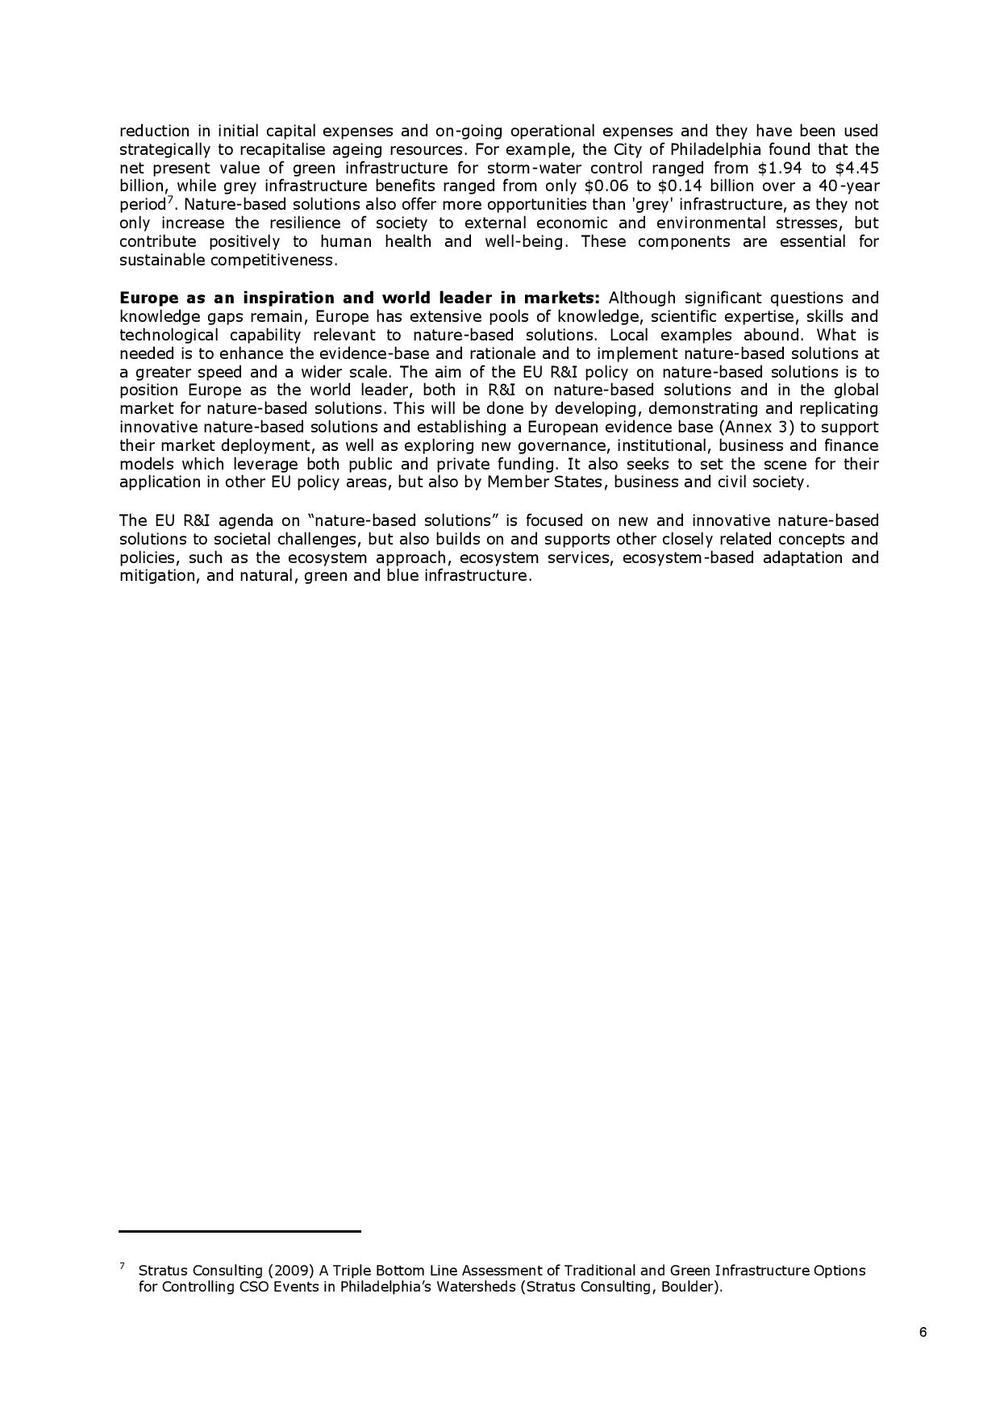 DG RTD_WEB-Publication A4_NBS_long_version_20150310-page-008.jpg